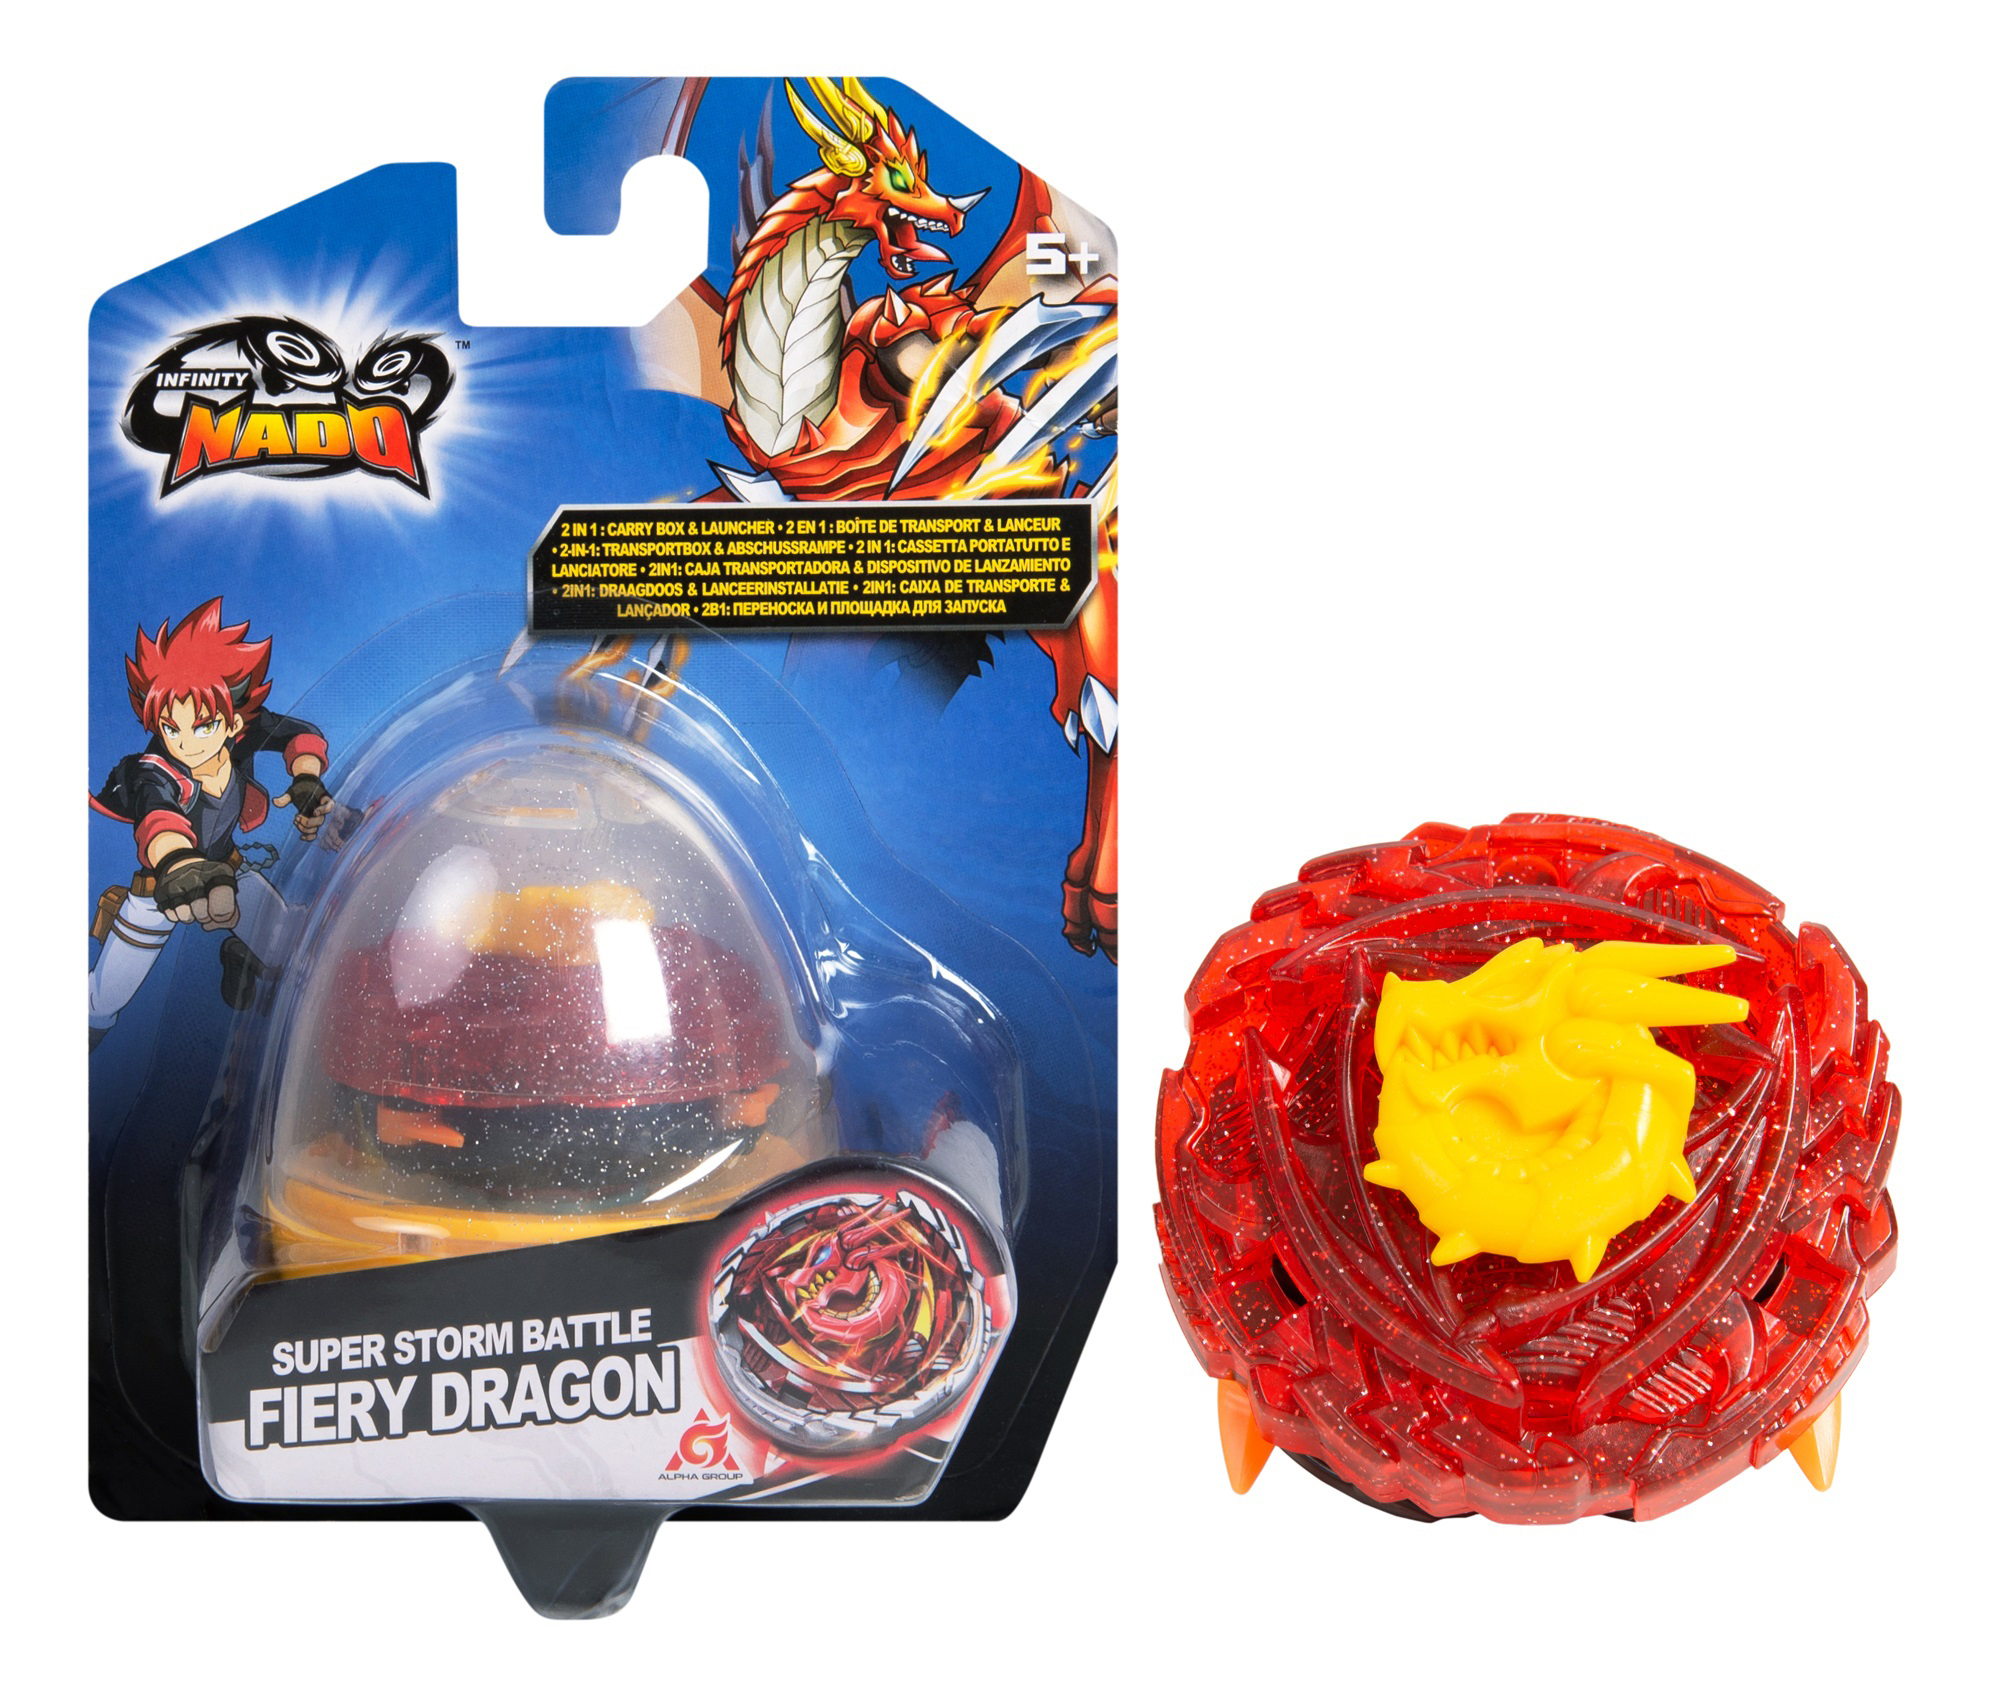 Игровой набор Infinity Nado: Волчок Компакт – Fiery Dragon игровой набор alpha toys infinity nado компакт fiery dragon 37694